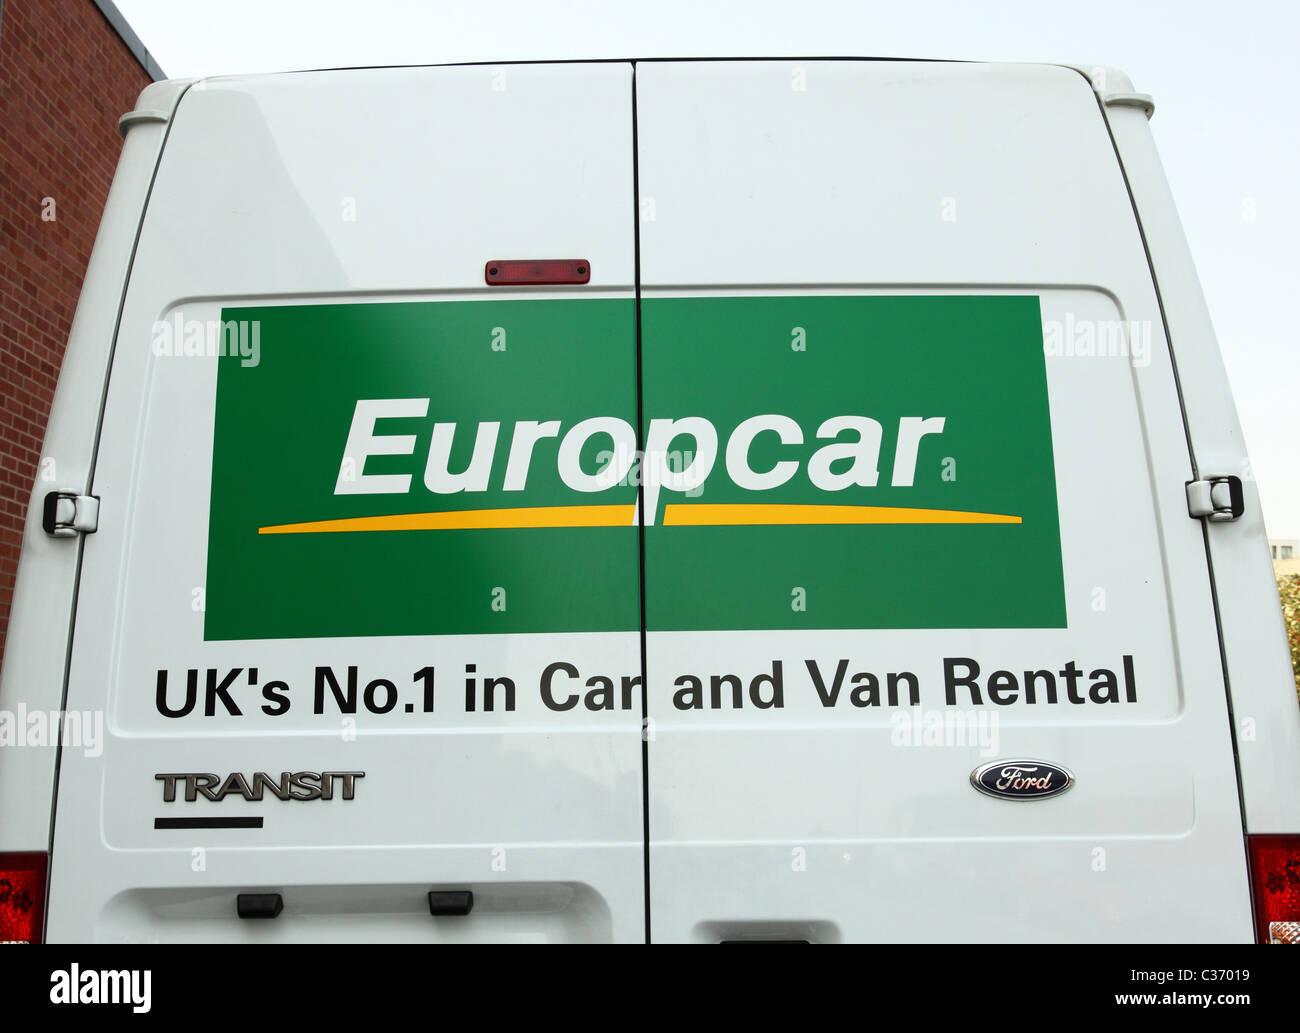 Europcar Stock Photos Europcar Stock Images Alamy